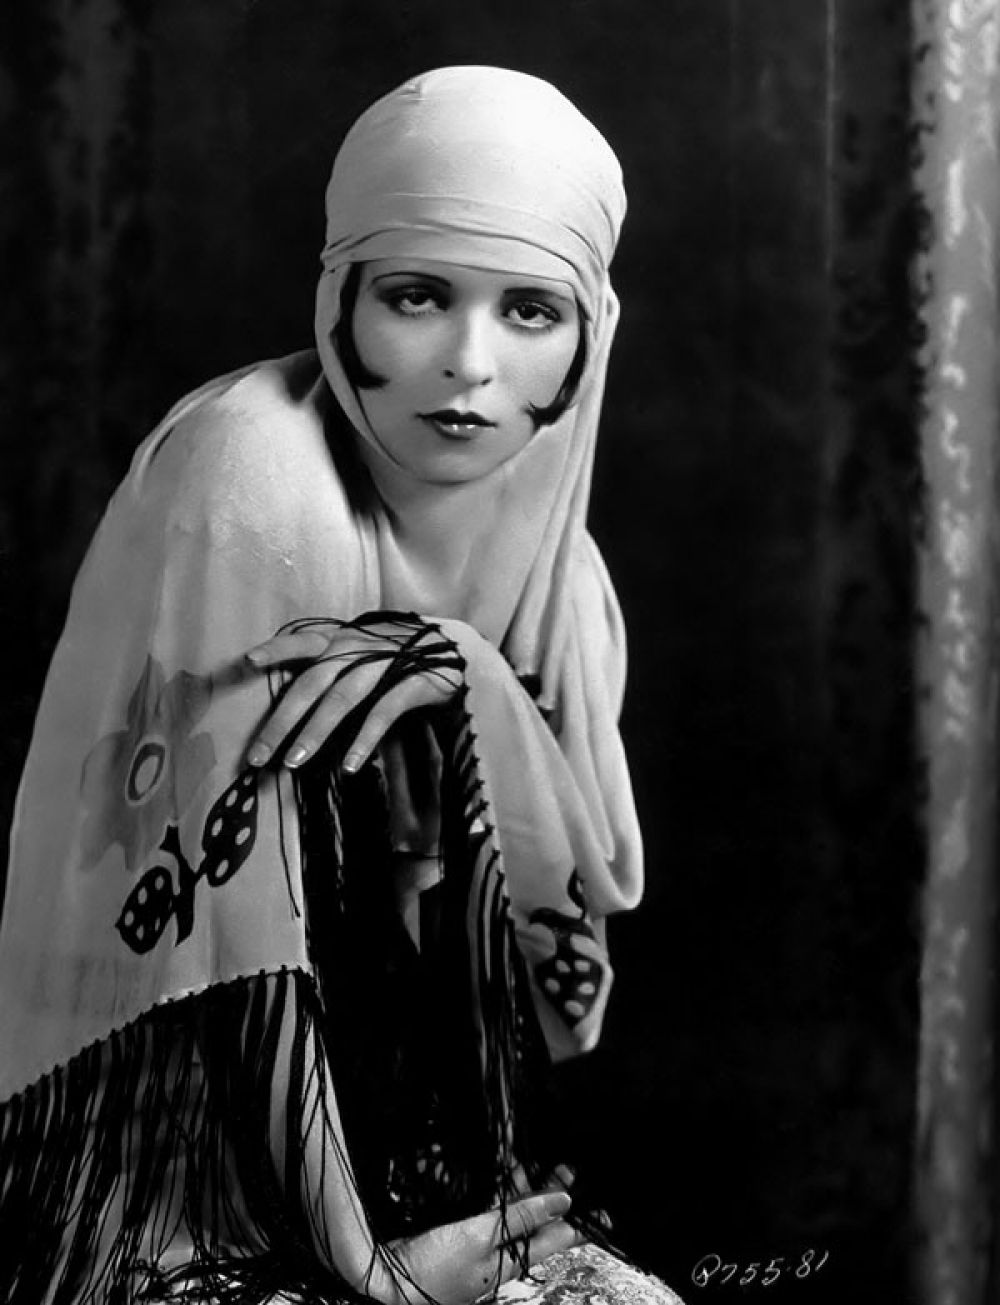 После Первой мировой войны пришла эпоха флепперов – ярких и независимых девушек, которые обладали мальчишеской фигурой. Флепперы отказались от корсетов, заменив их прямыми платьями, а также вели вызывающий образ жизни, постоянно пропадая на вечеринках. Известной представительницей флепперов была актриса Клара Боу